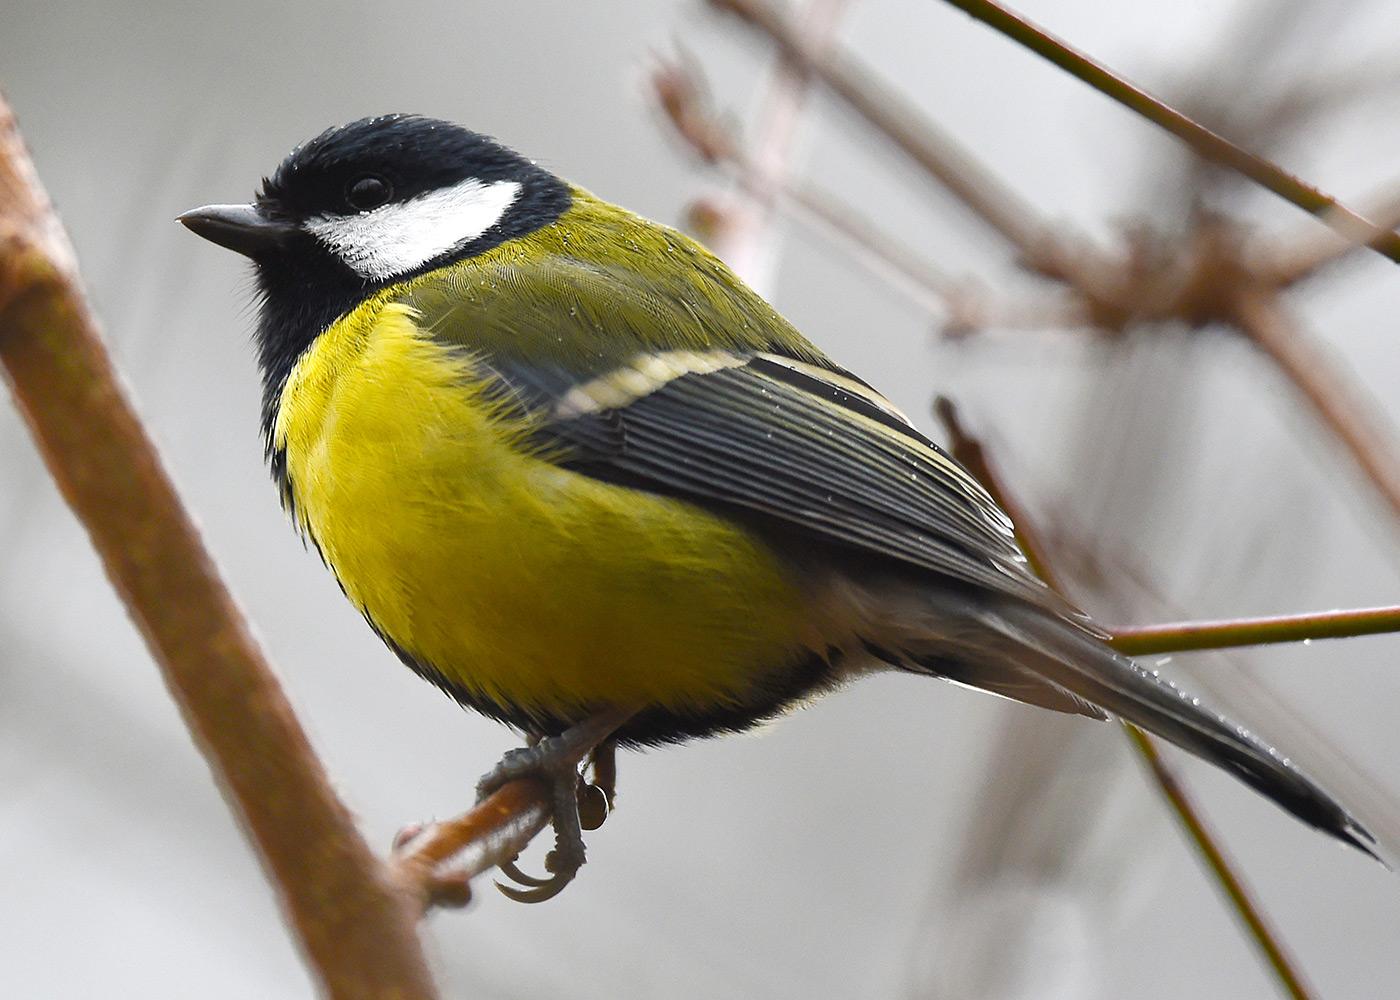 Erkennst du diesen Vogel?